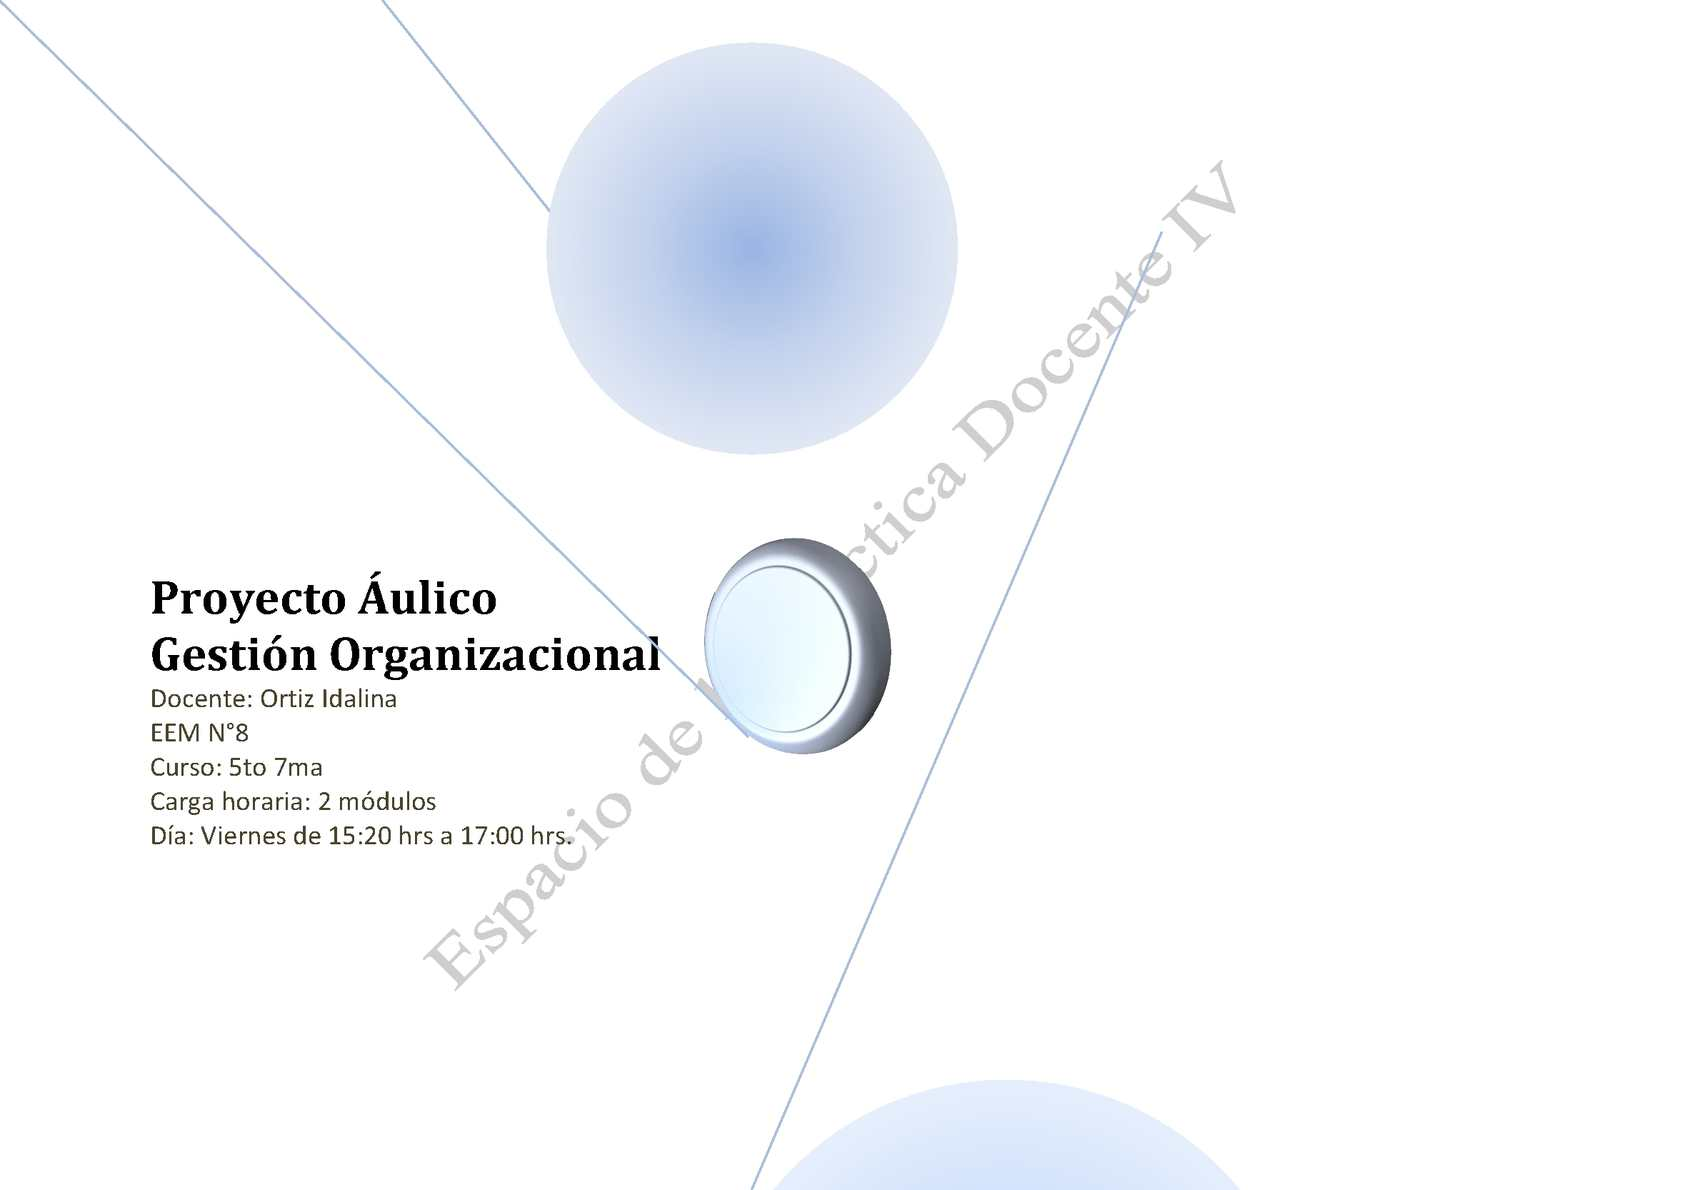 2014 - Idalina Ortiz - Proyecto Aulico - Gestión Organizacional